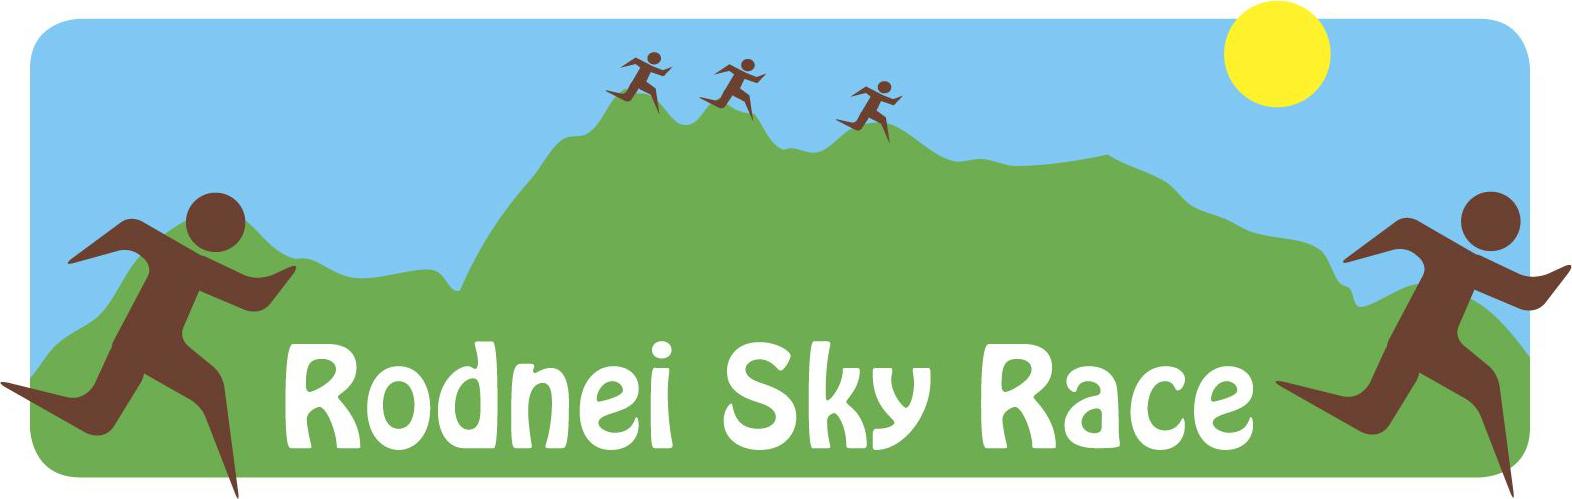 Rodnei Sky Race